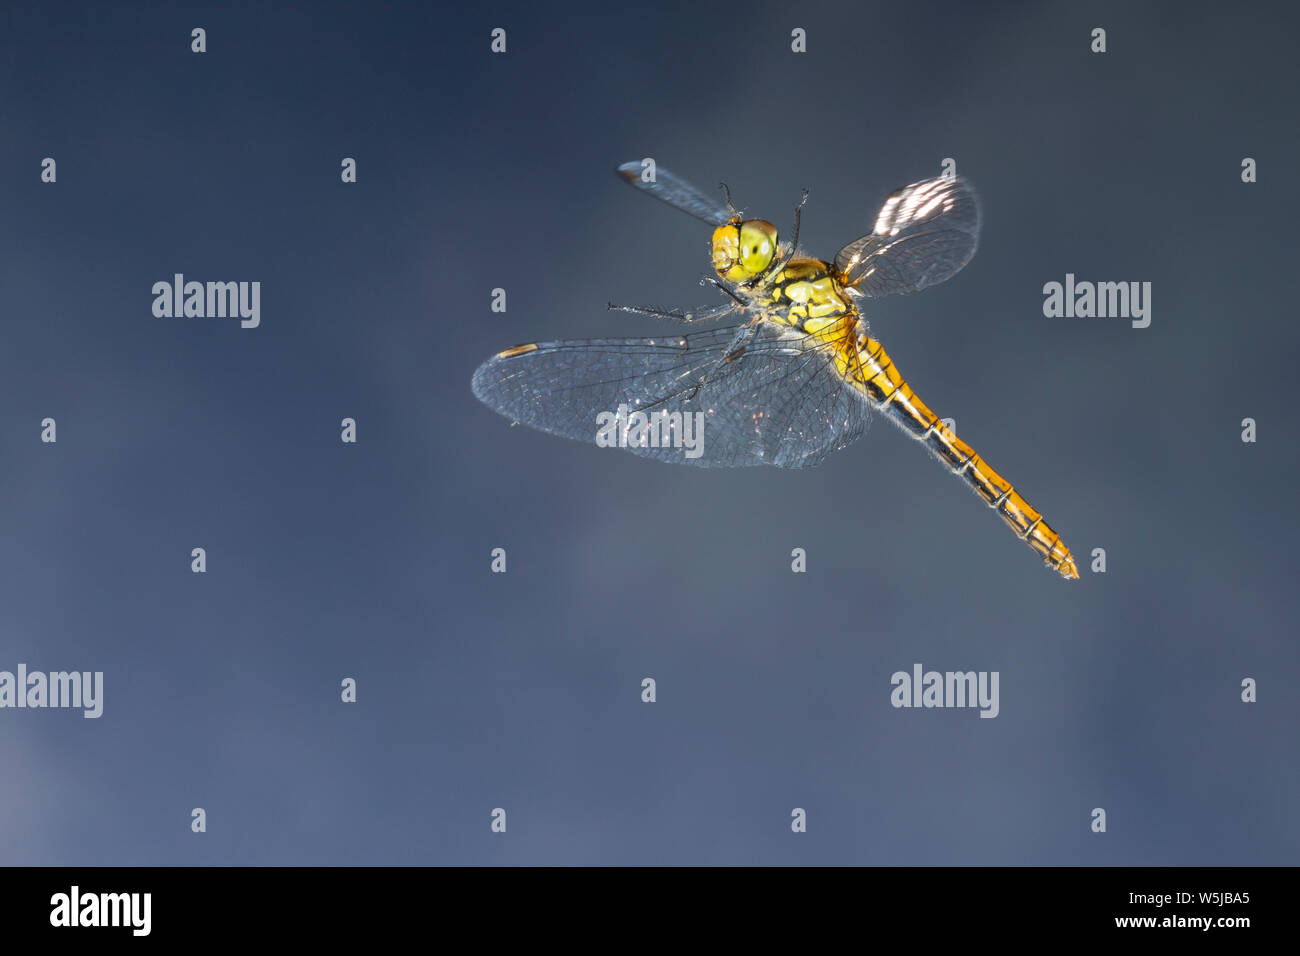 Blutrote Heidelibelle, Weibchen, Flug, fliegend, Sympetrum sanguineum, ruddy sympetrum, Ruddy Darter, female, flight, flying, Sympétrum sanguin Stock Photo